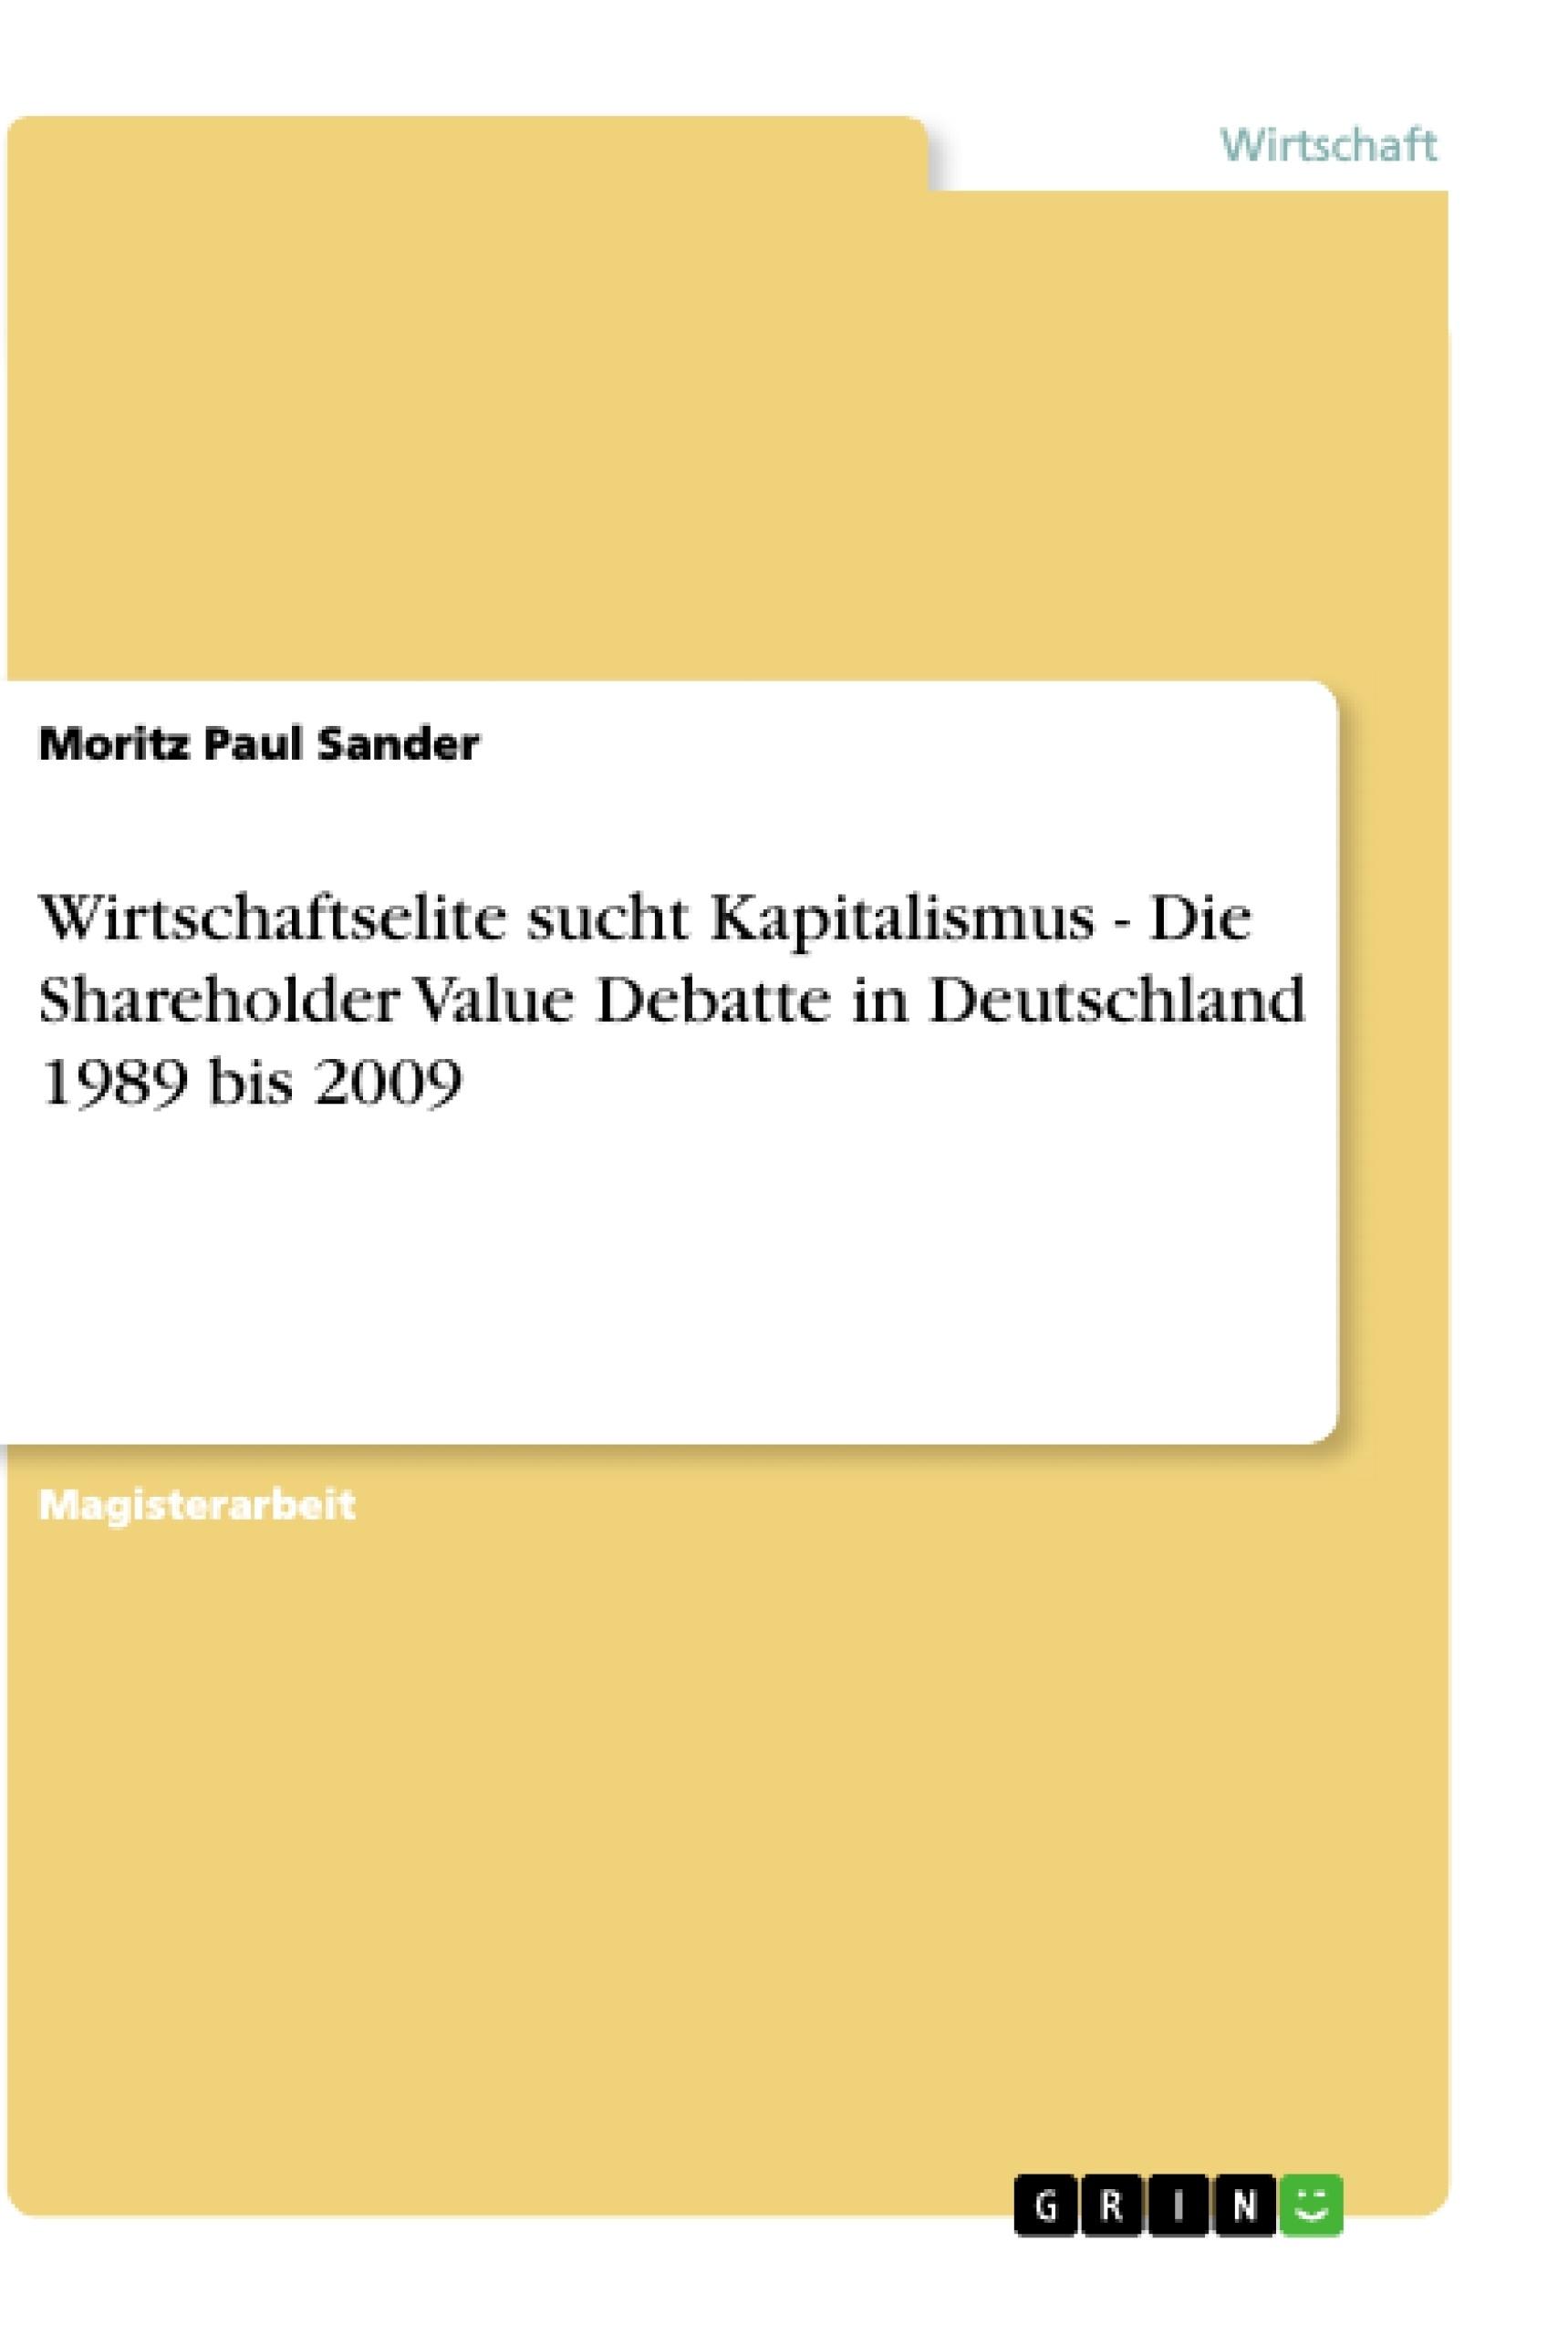 Titel: Wirtschaftselite sucht Kapitalismus - Die Shareholder Value Debatte in Deutschland 1989 bis 2009